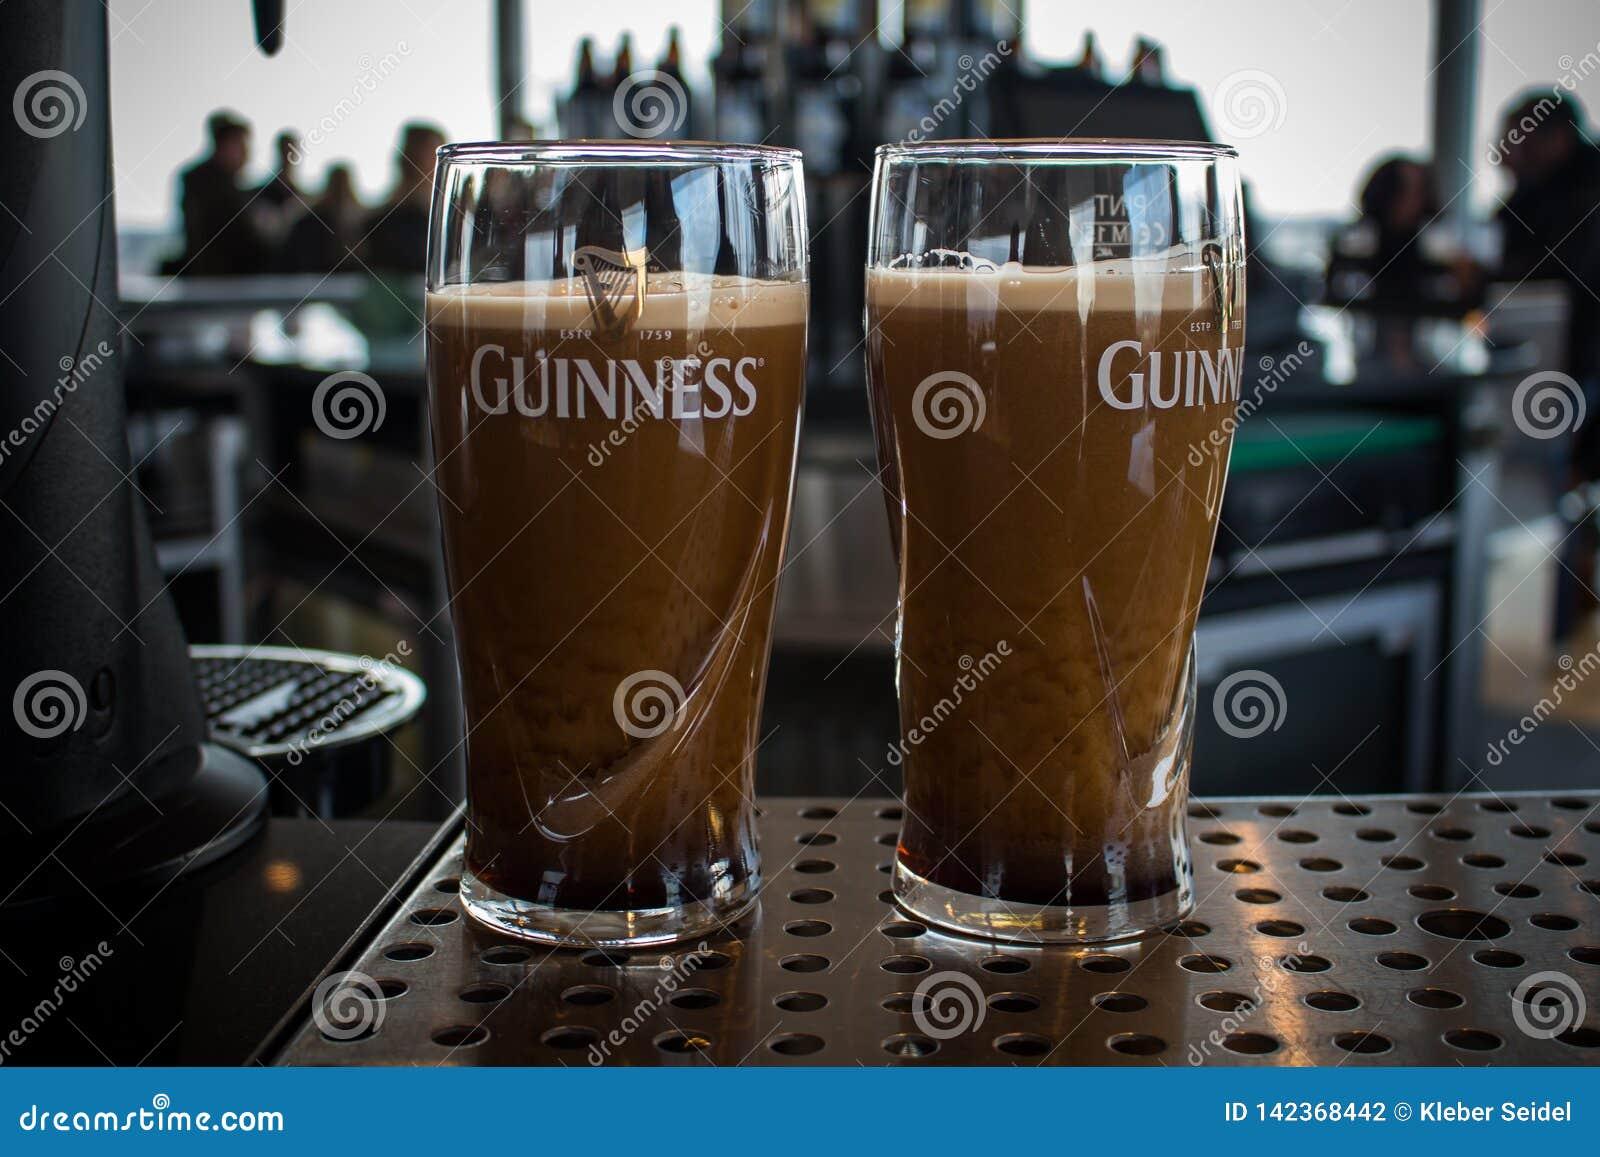 DUBLIN, IRLAND - 7. FEBRUAR 2017: Zwei halbe Liter von Guinneß auf einem Stand fast bereit, innerhalb des Guinness-Lagerhauses zu